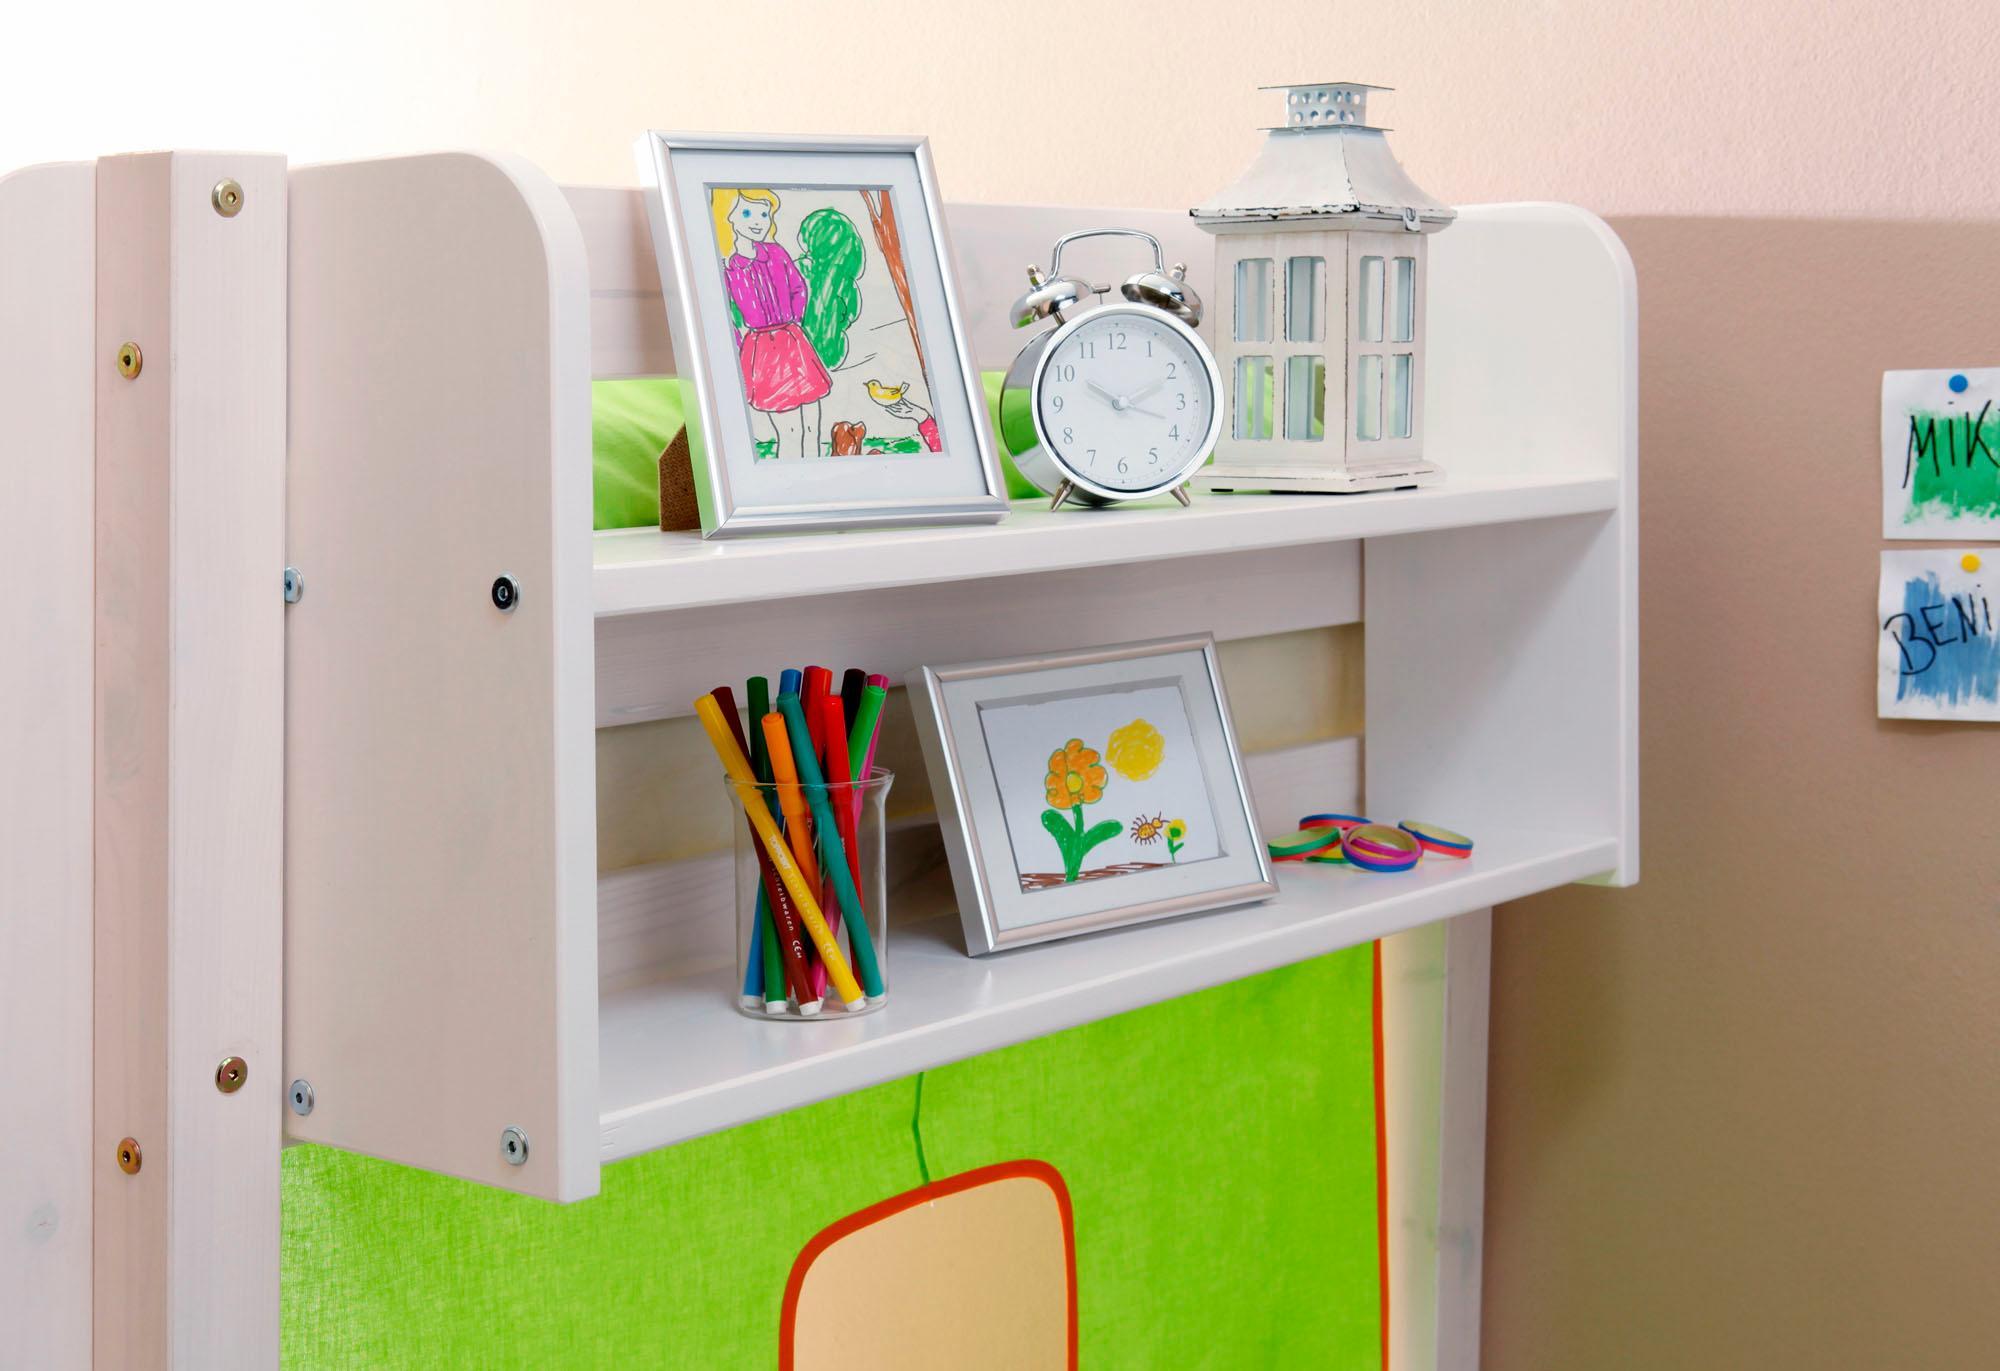 Ticaa Einhängeregal in verschiedenen Breiten, Kiefer | Kinderzimmer > Kinderzimmerregale | Weiß | Metall - Kiefer | TICAA